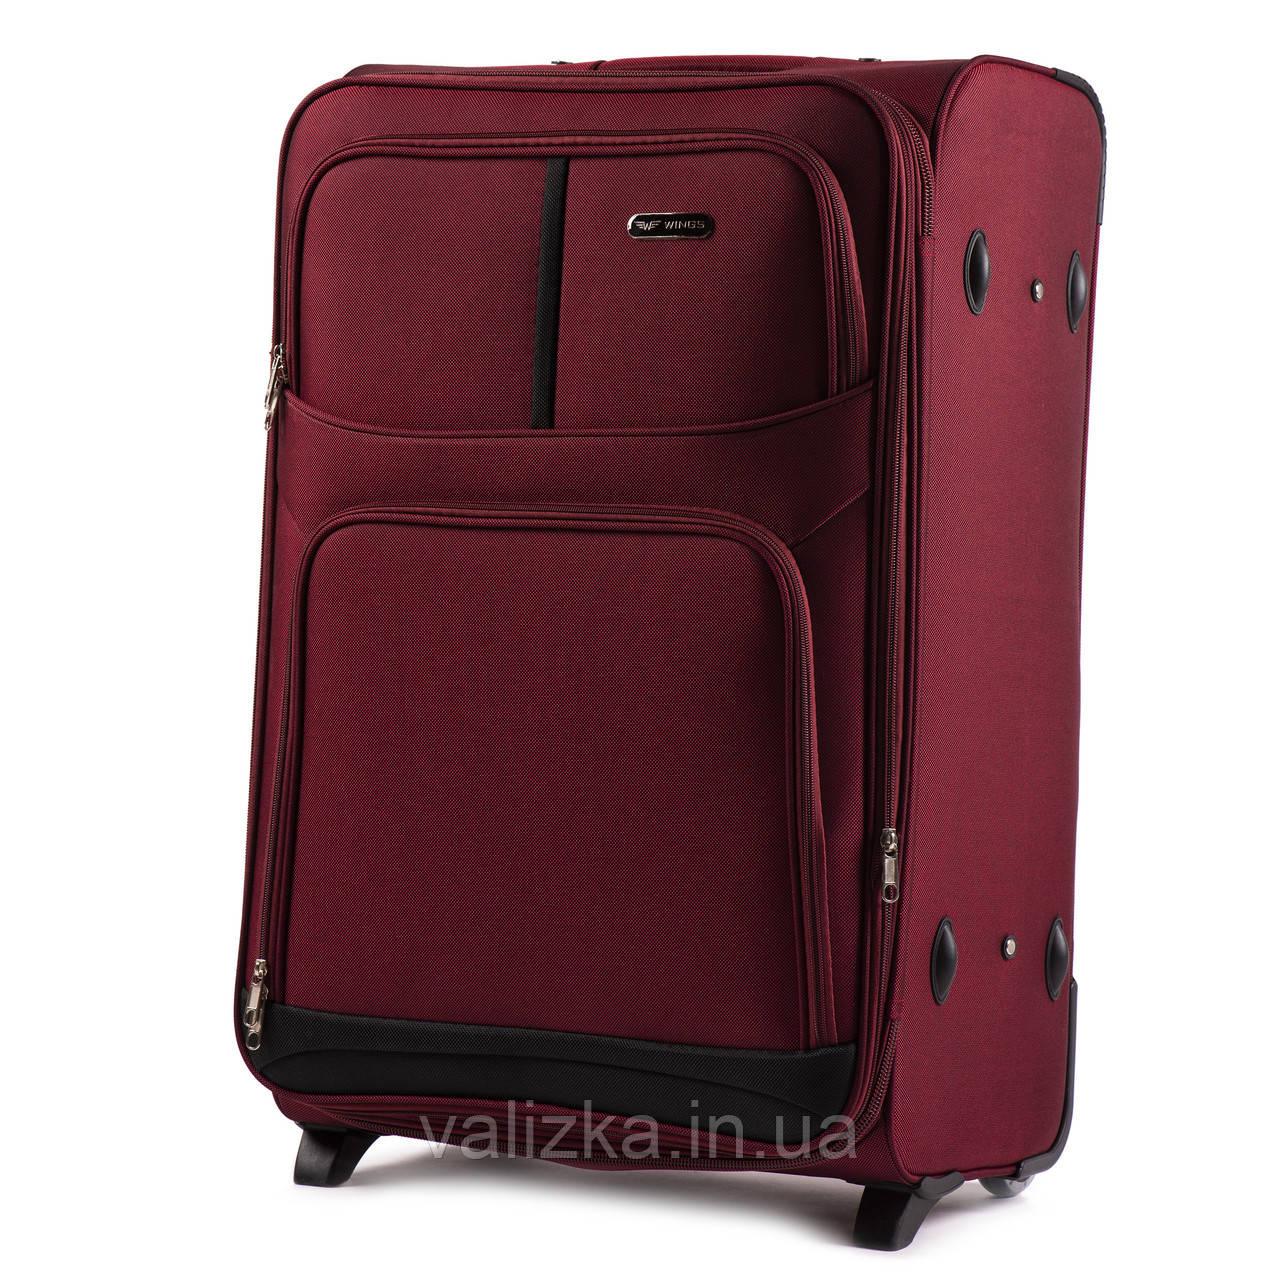 Текстильный чемодан большого размера на 2-х колесах Wings-206 бордового цвета.